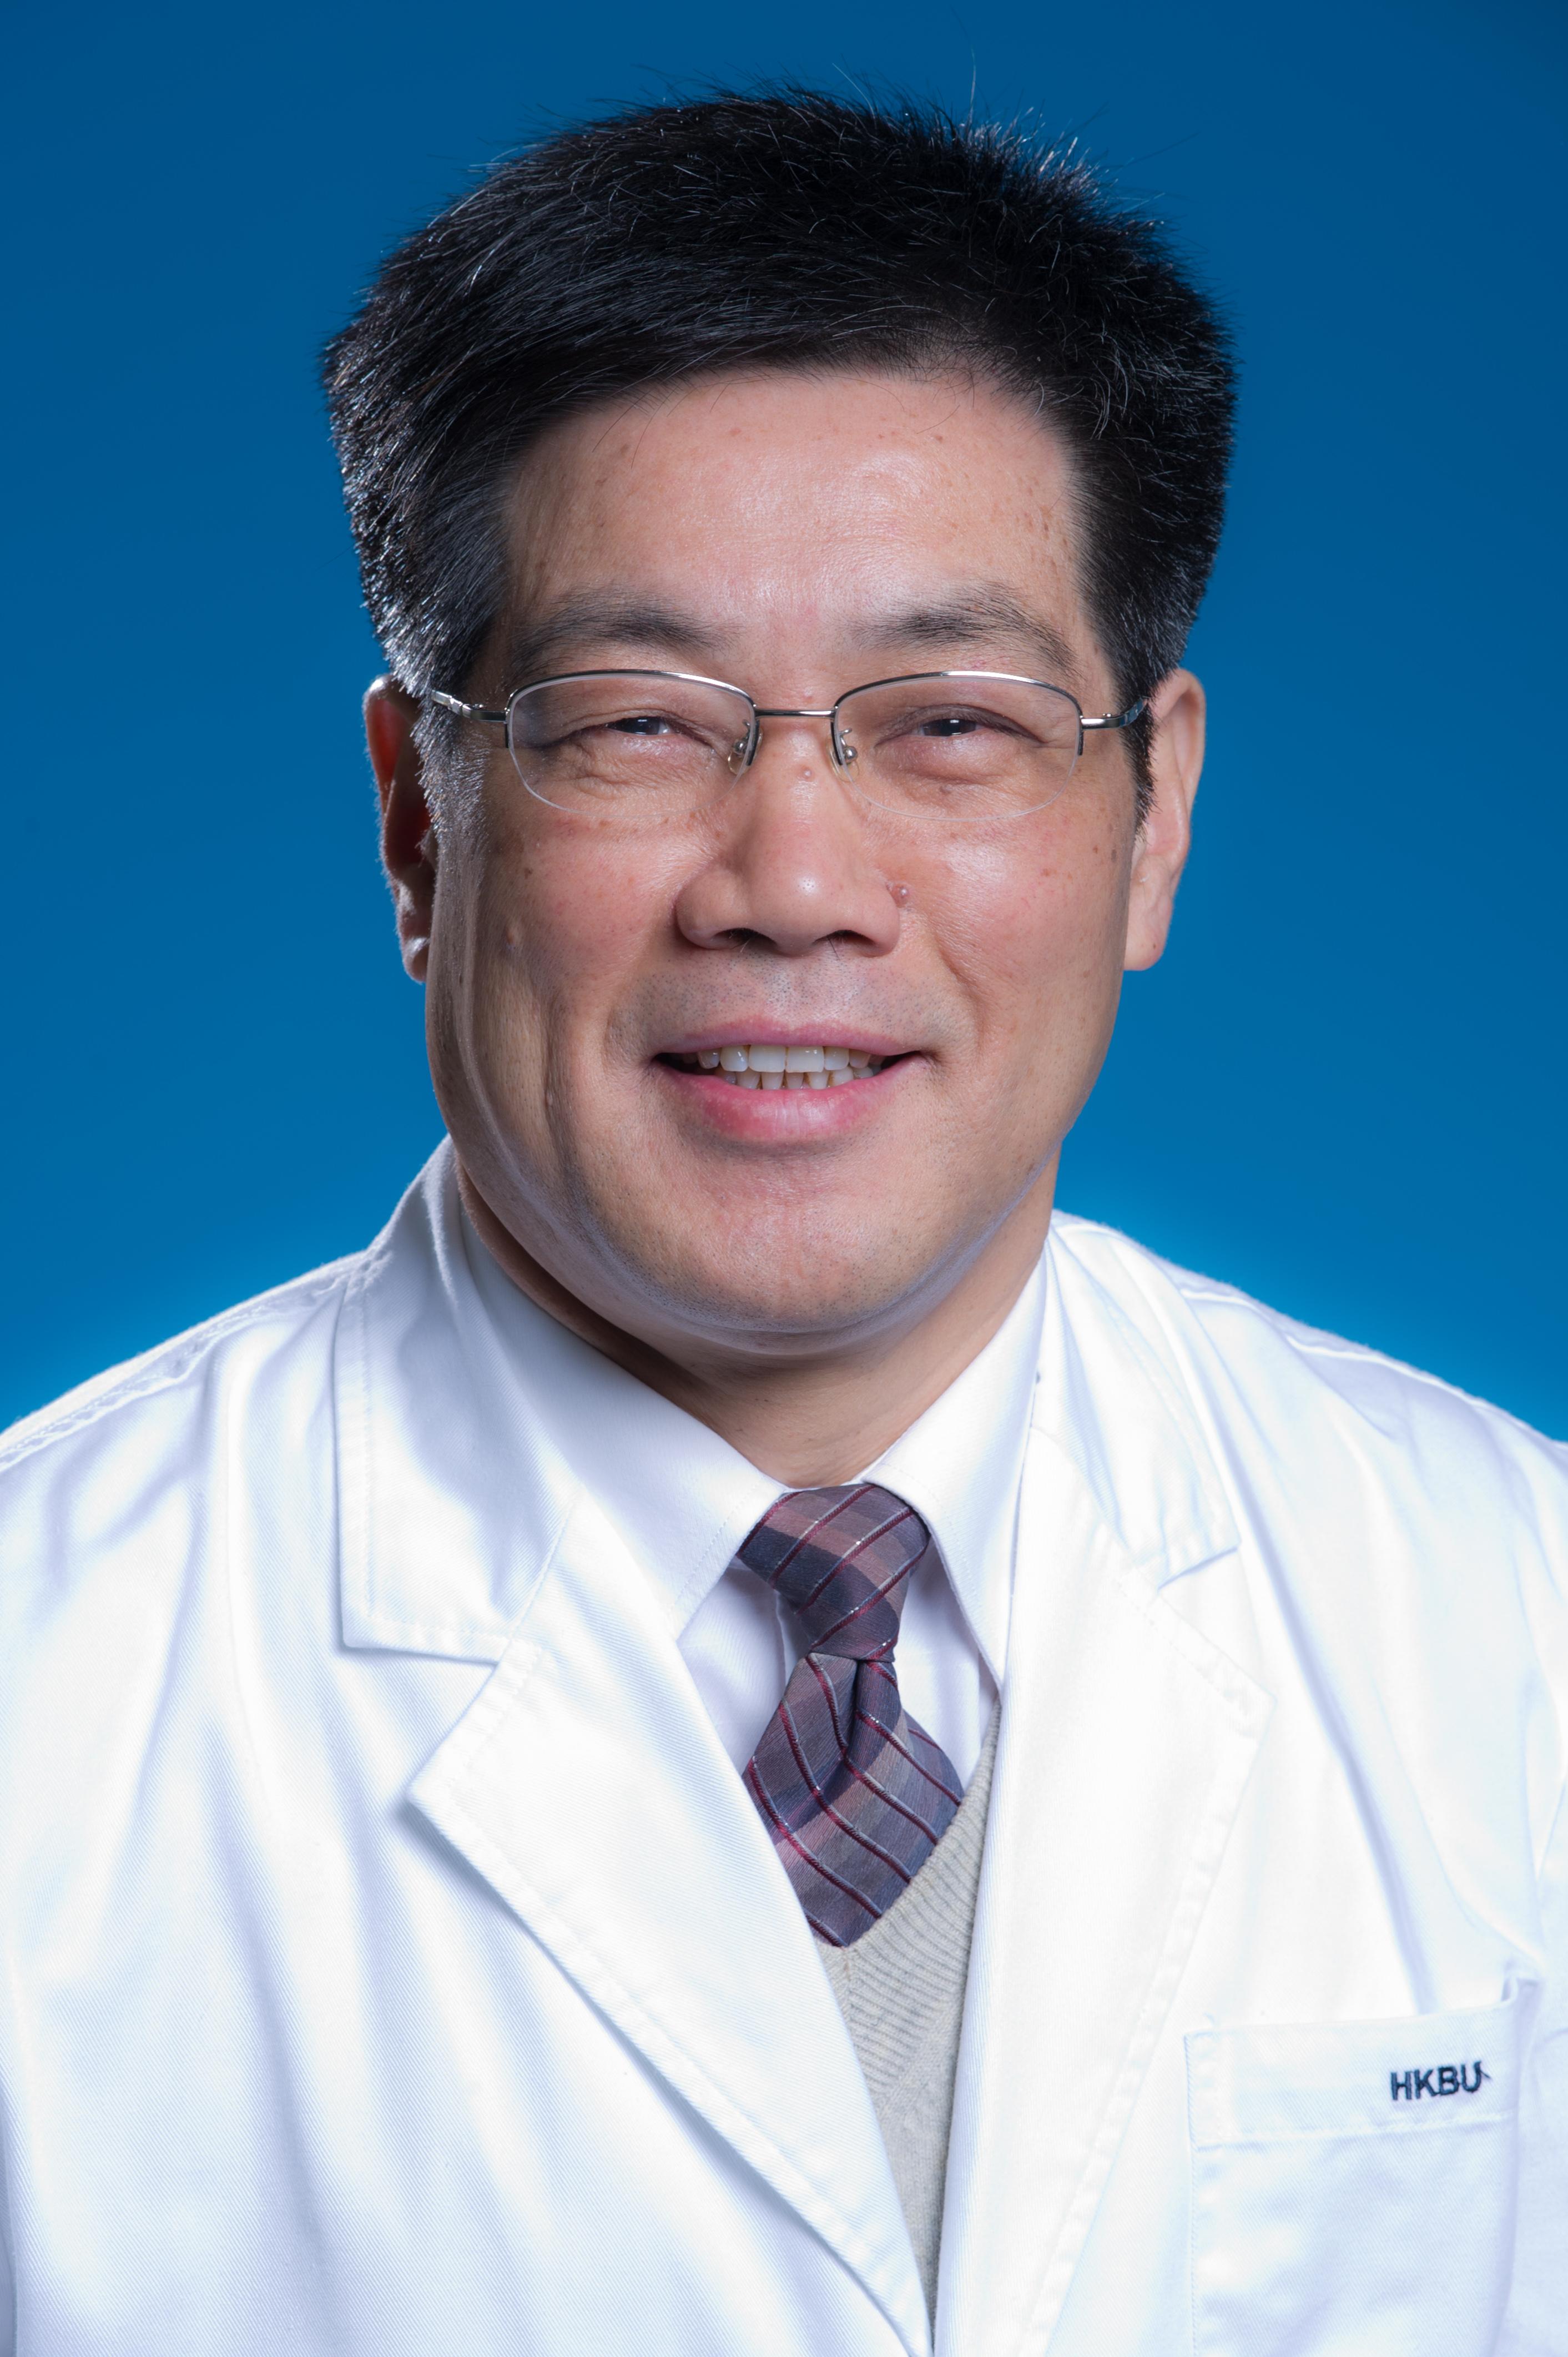 Wang Yongqin